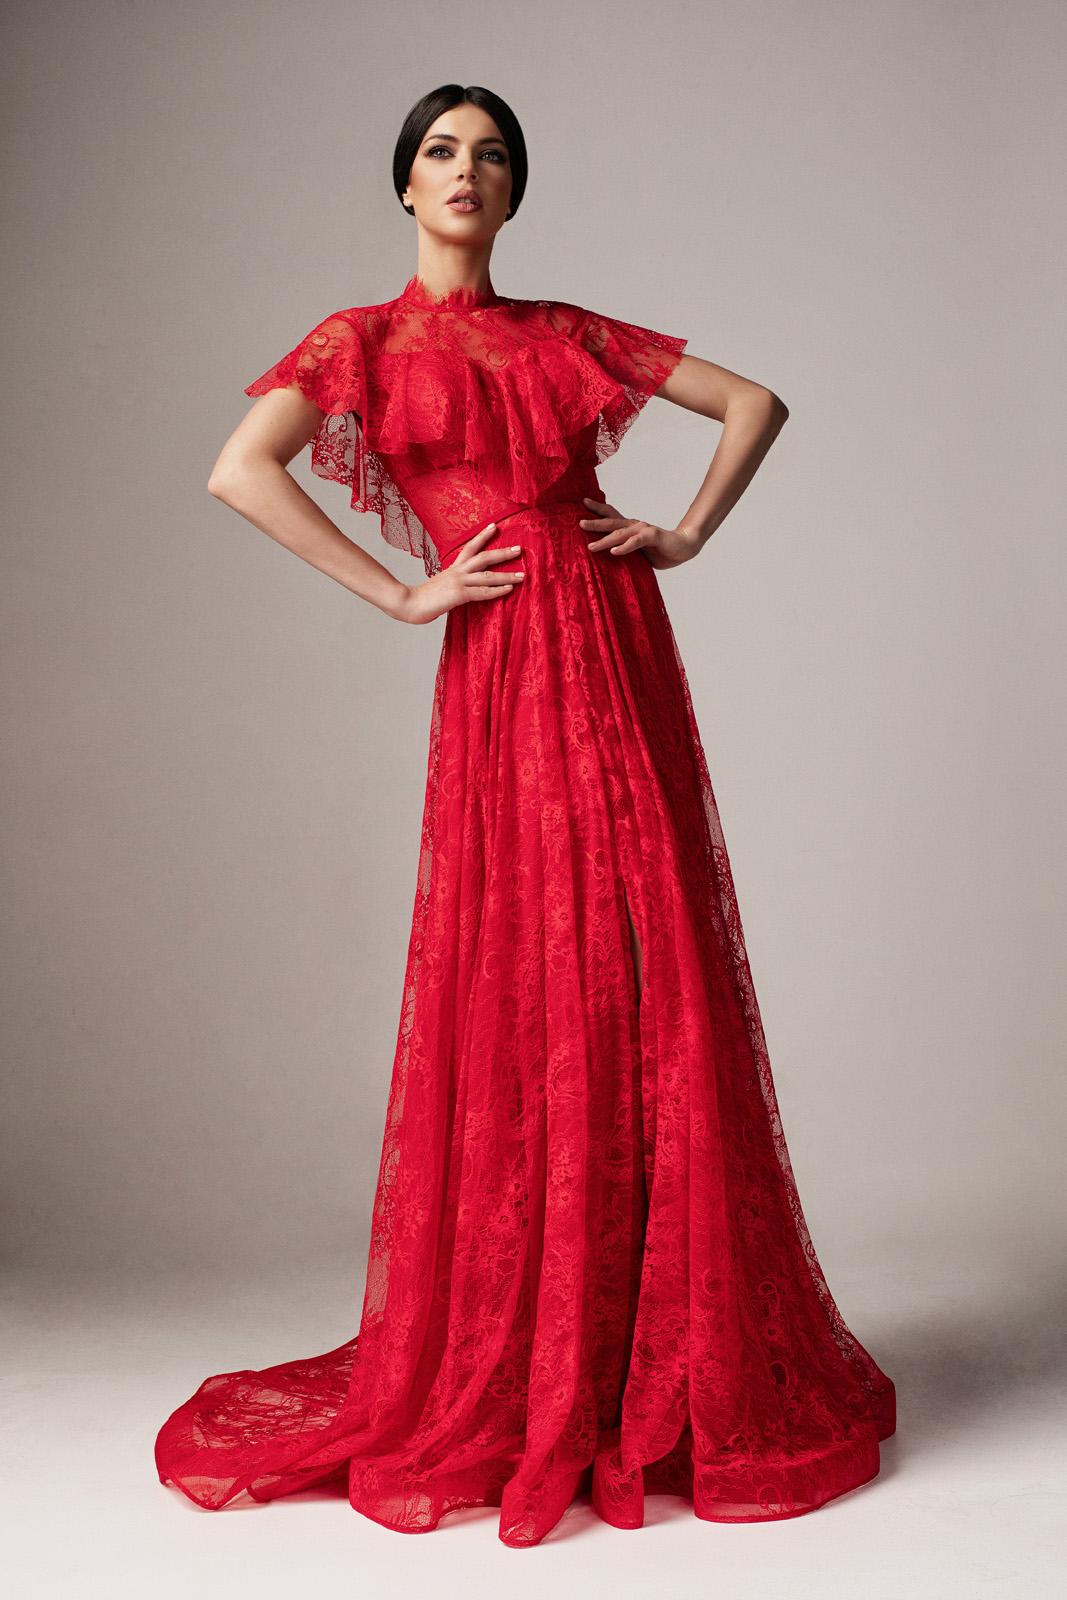 b67a869f1d Piros Ana Radu alkalmi harang ruha csipkés anyagból fodros szivacsos  mellrész